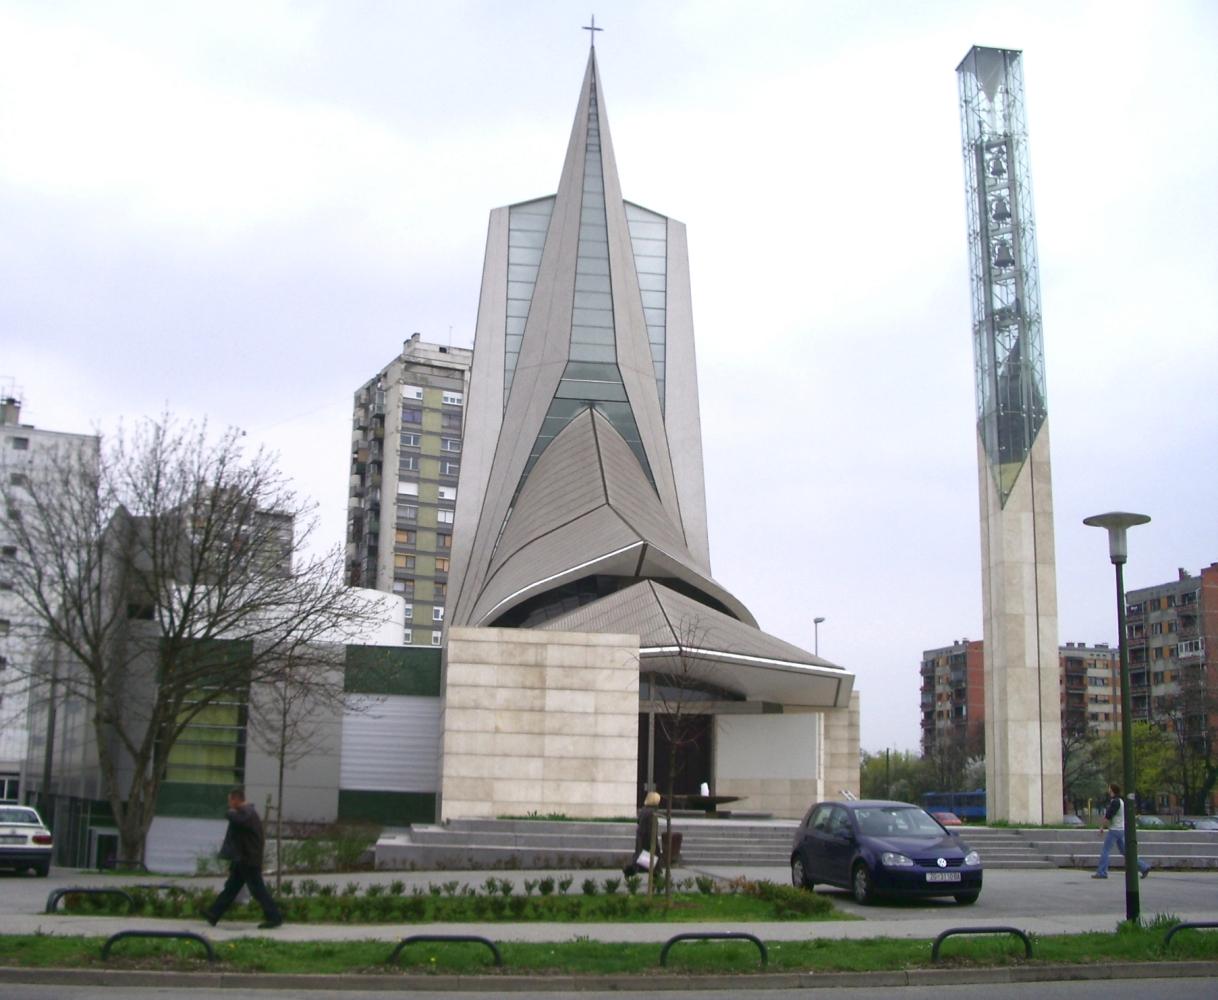 Novo financiranje crkve na štetu parkova, škole, kulturnog centra i dvorane, odgoda odluke o česmi na Moslavačkom, netransparentan Godišnji izvještaj